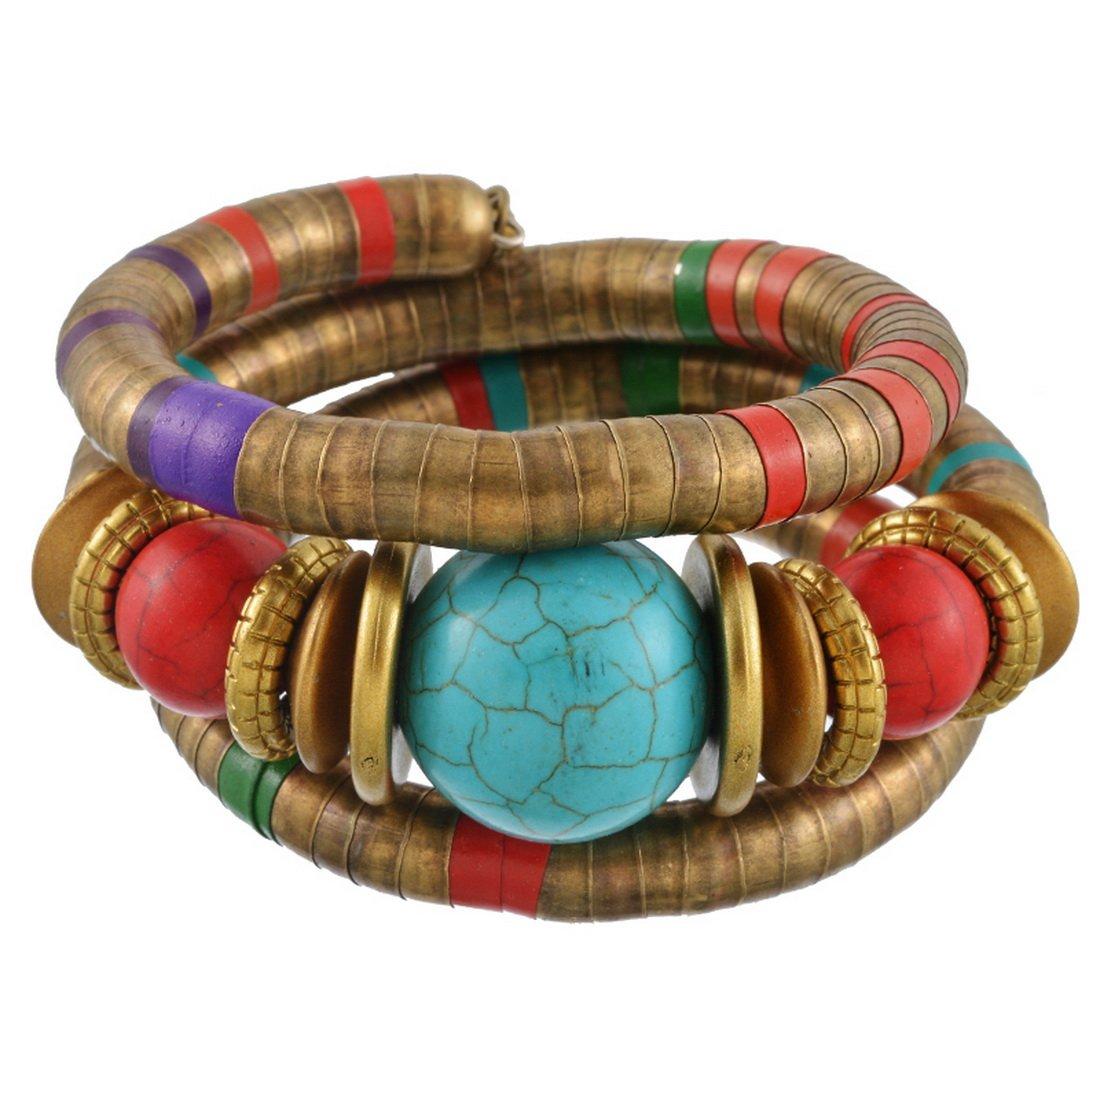 MJARTORIA Femme Bijoux Bracelet Multicouche Bohémien Ethnique Turquoise Artificielle Boho XIEHOU XHA0AE3A9AX